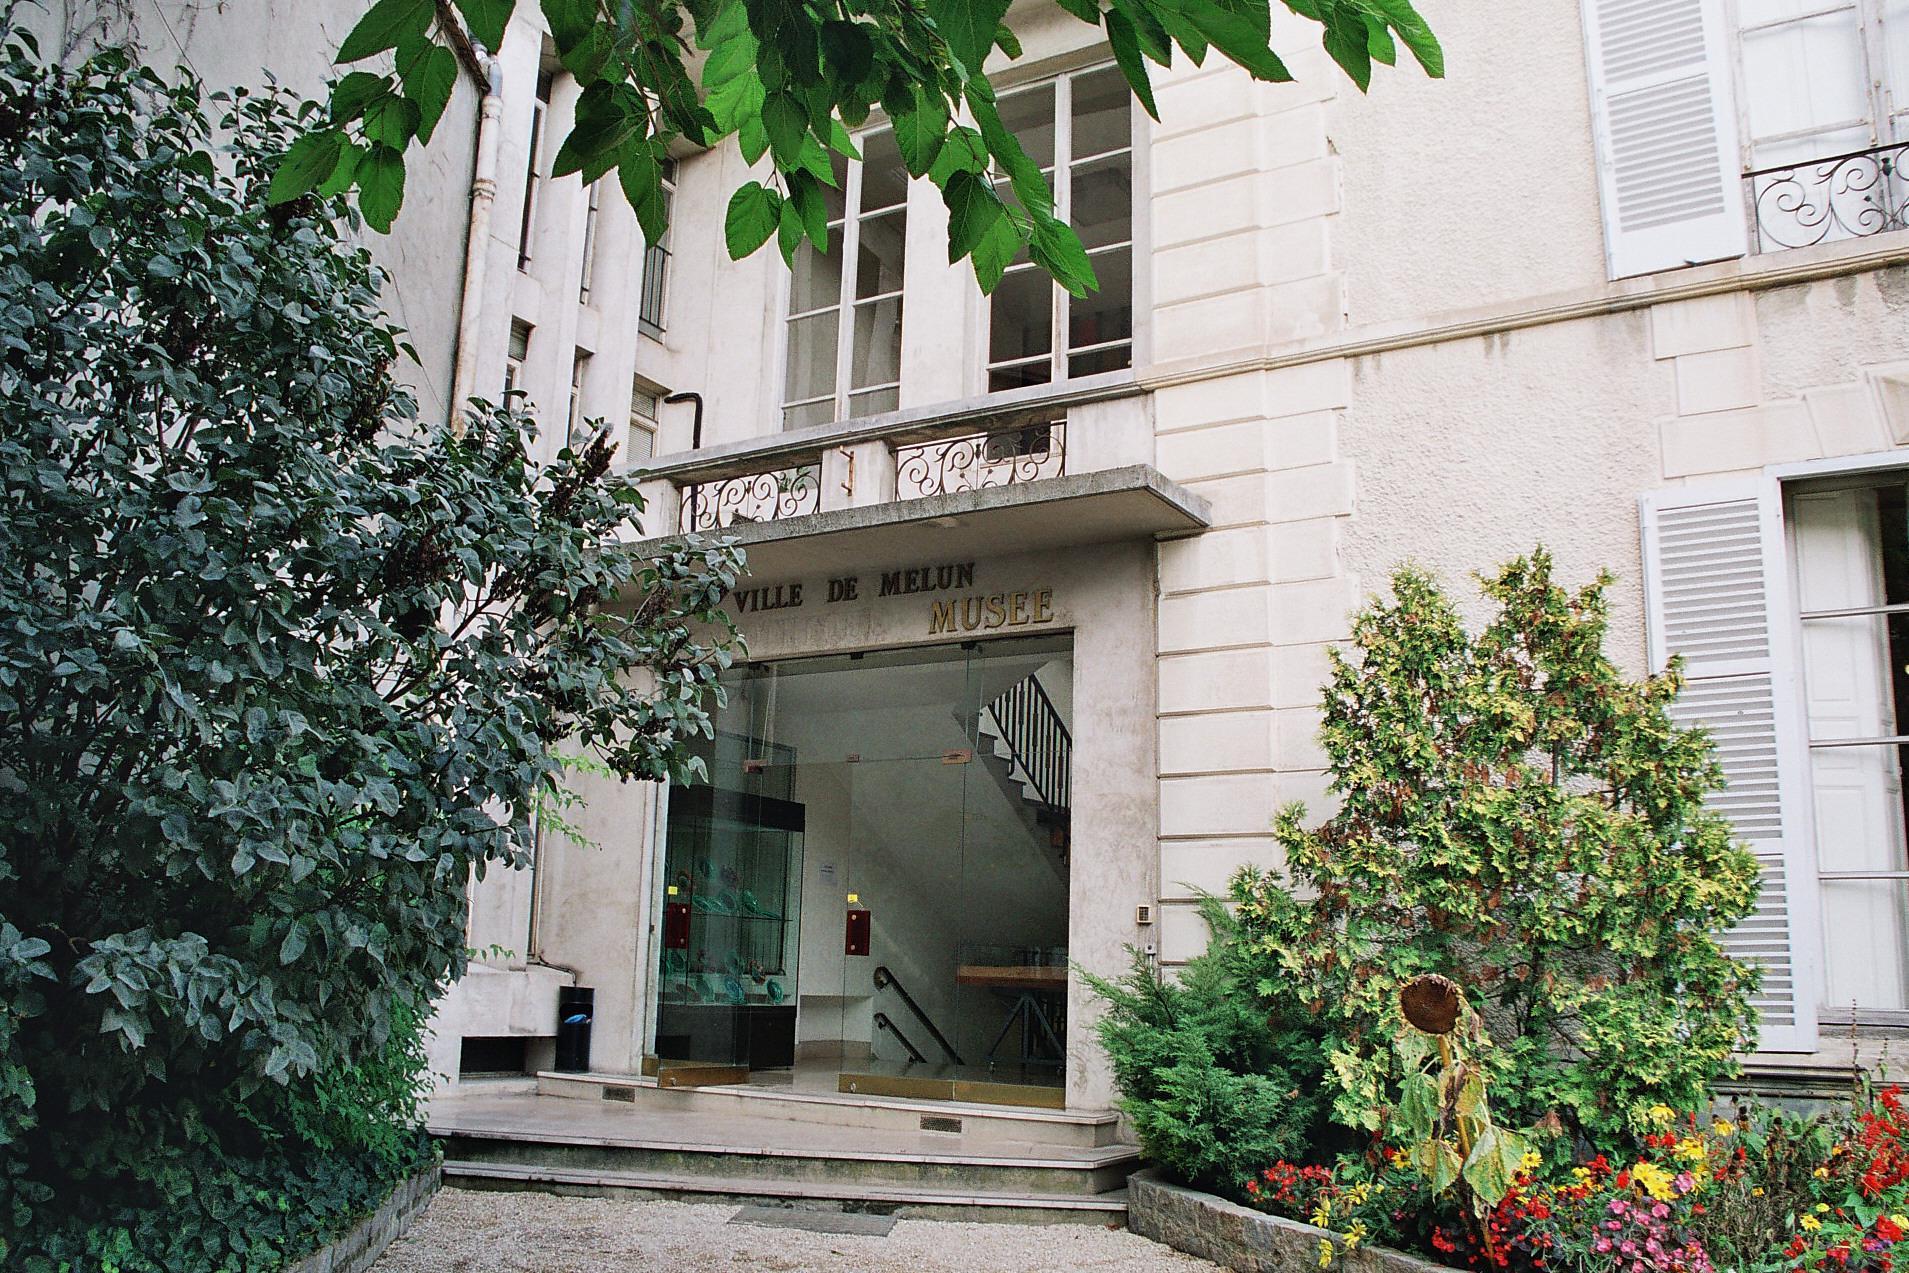 Musée d'Art et d'Histoire de Melun